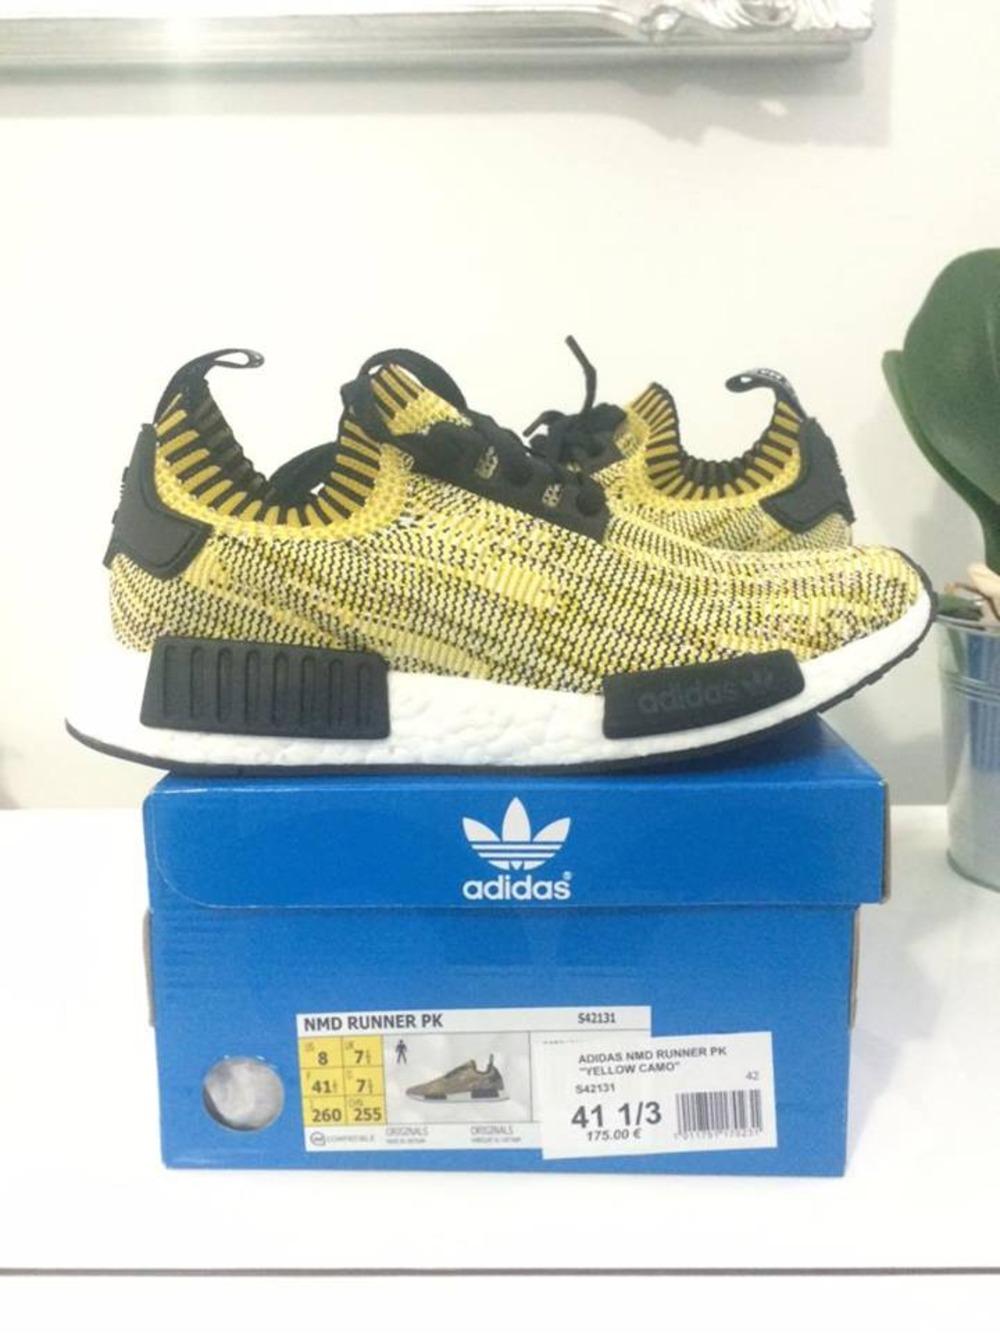 opxfoe Adidas NMD Runner PK yellow (#300666) from elayuno at KLEKT